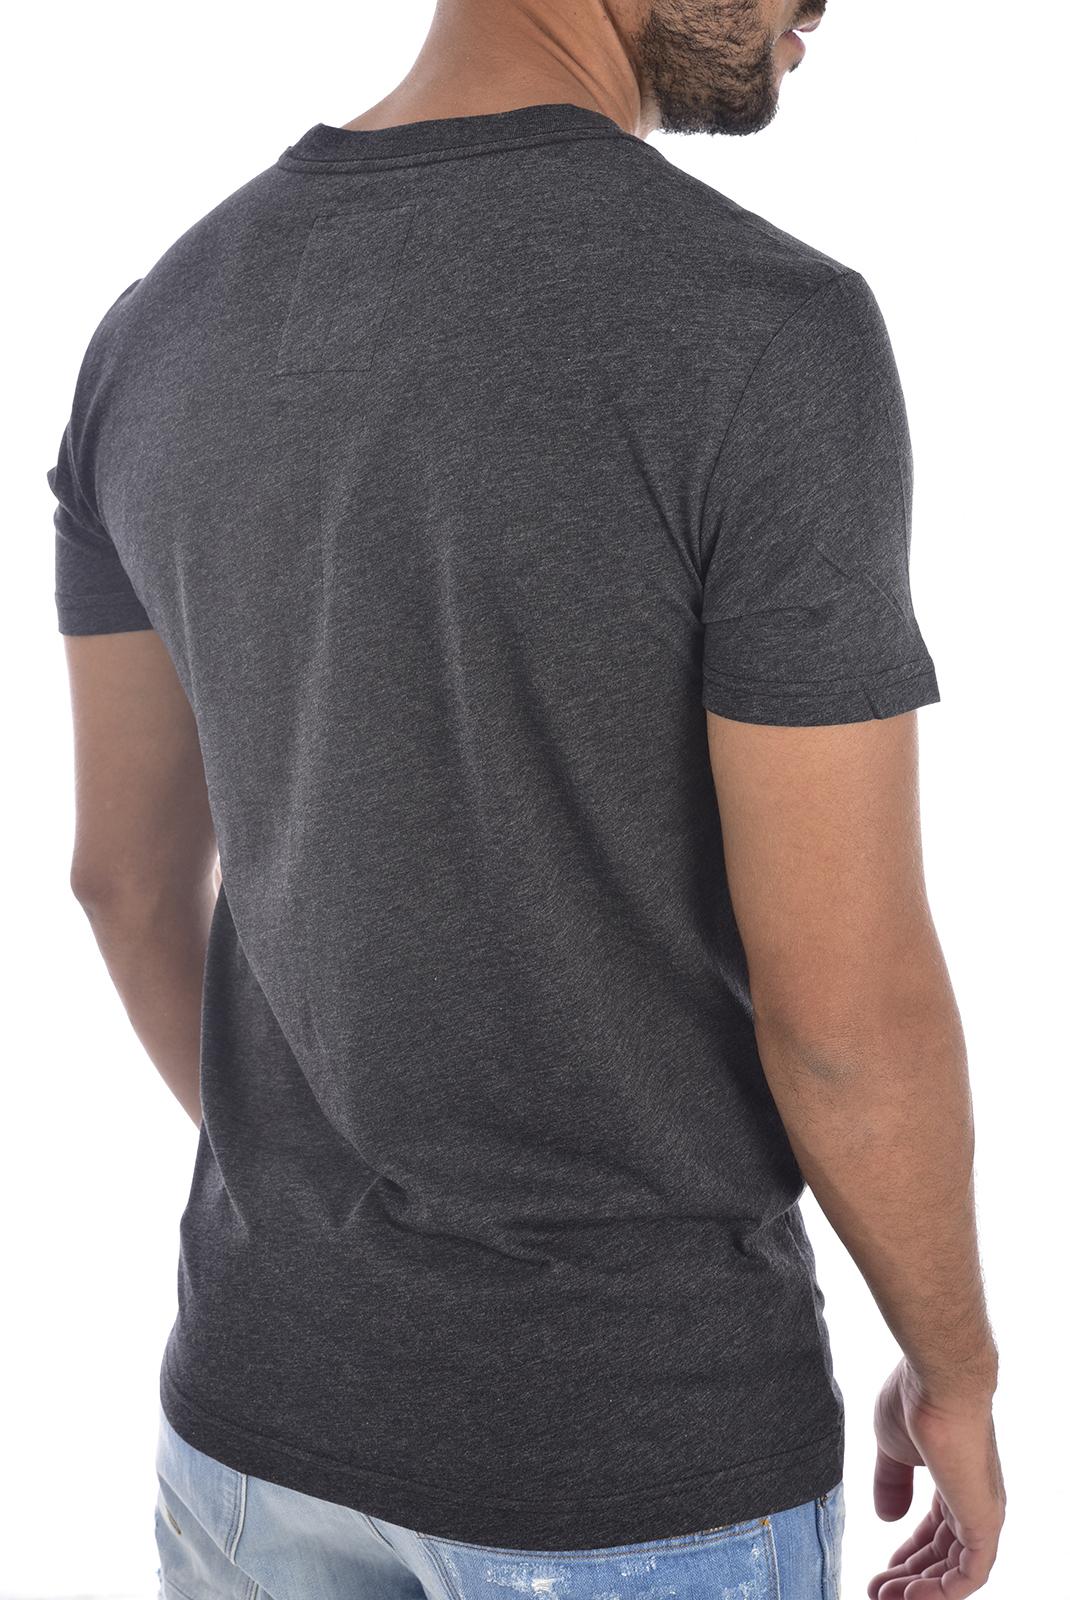 Tee-shirts  G-star D02852-2757 elevor gris